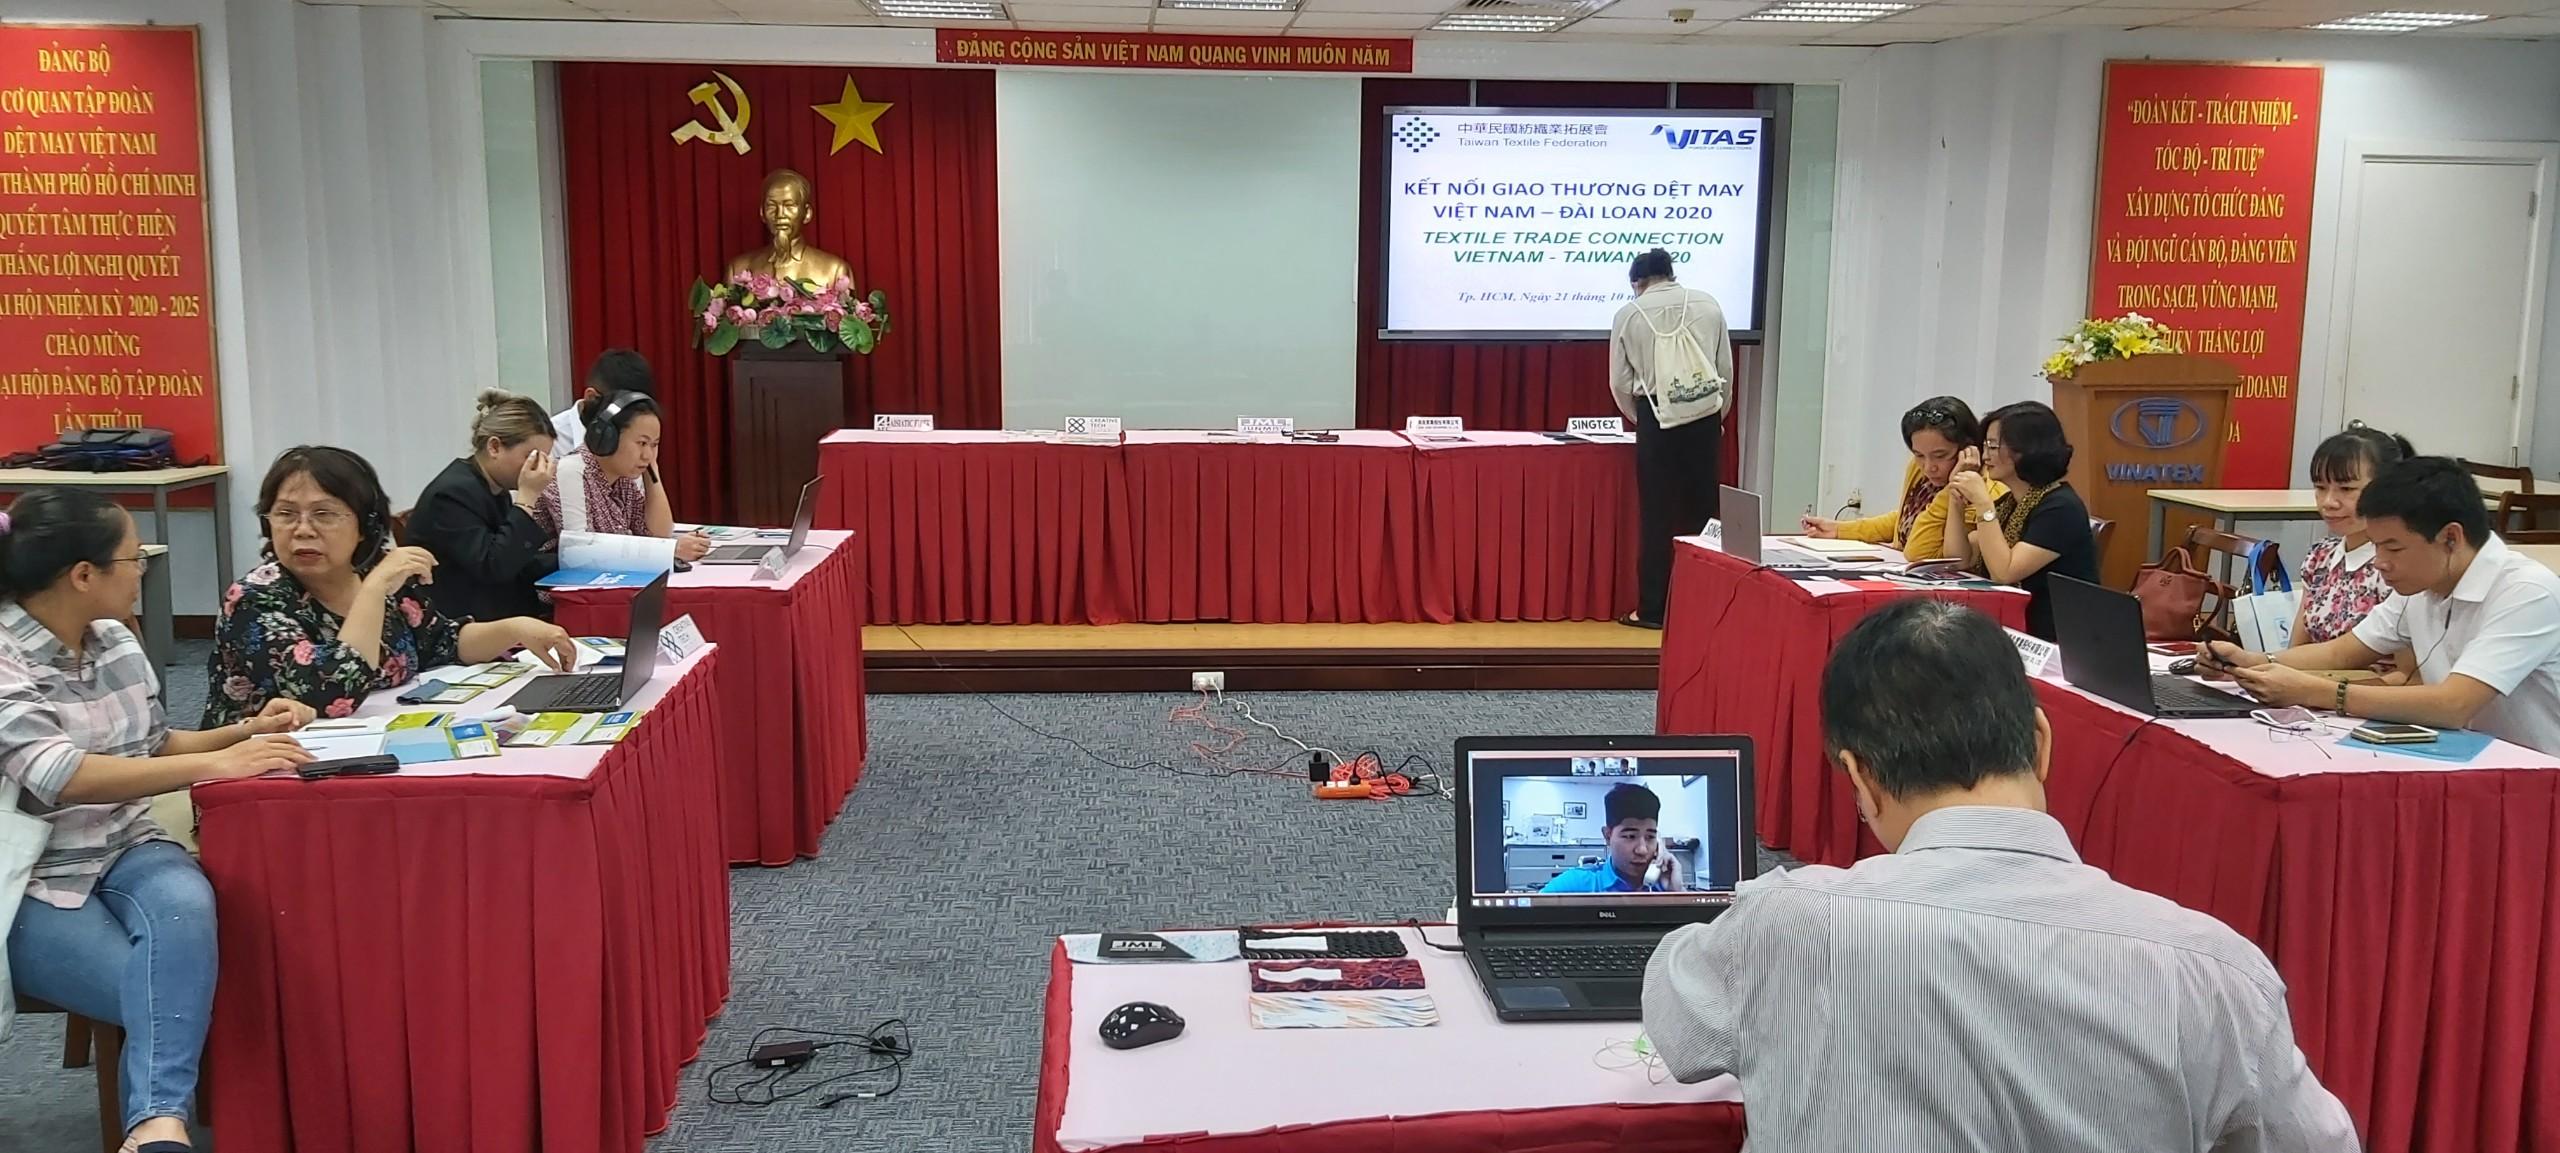 Nhiều sản phẩm mới của DN Đài Loan đã được giới thiệu tại buổi Kết nối giao thương B2B về dệt may